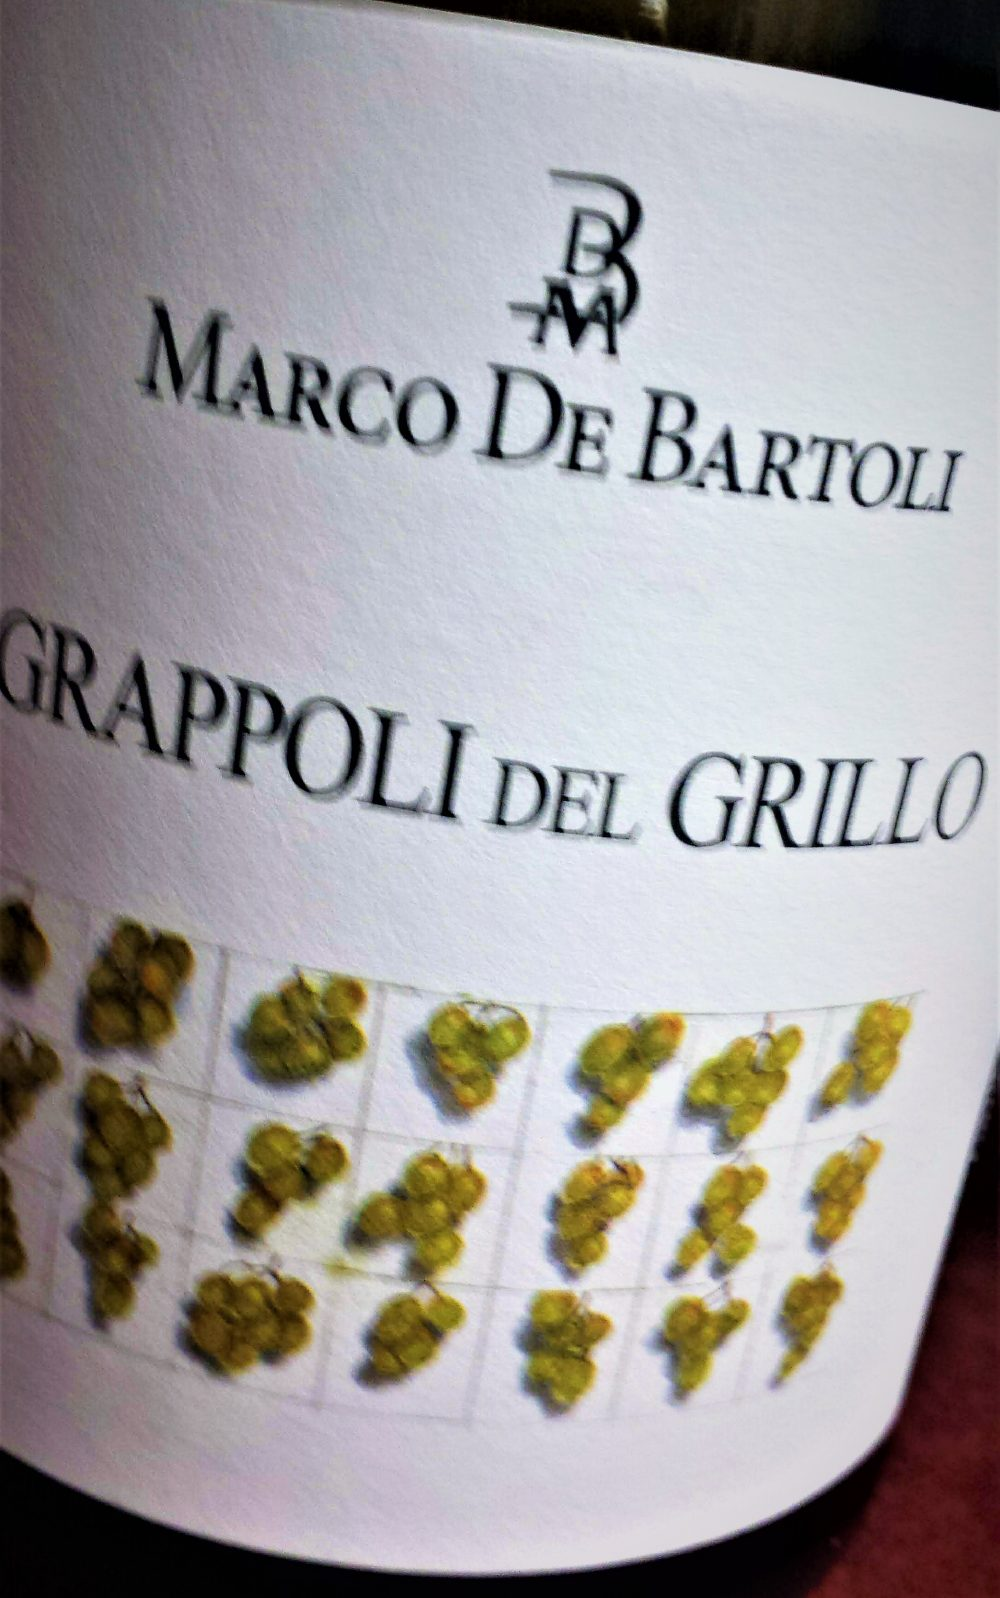 Terre Siciliane Grappoli del Grillo 2014, Marco De Bartoli